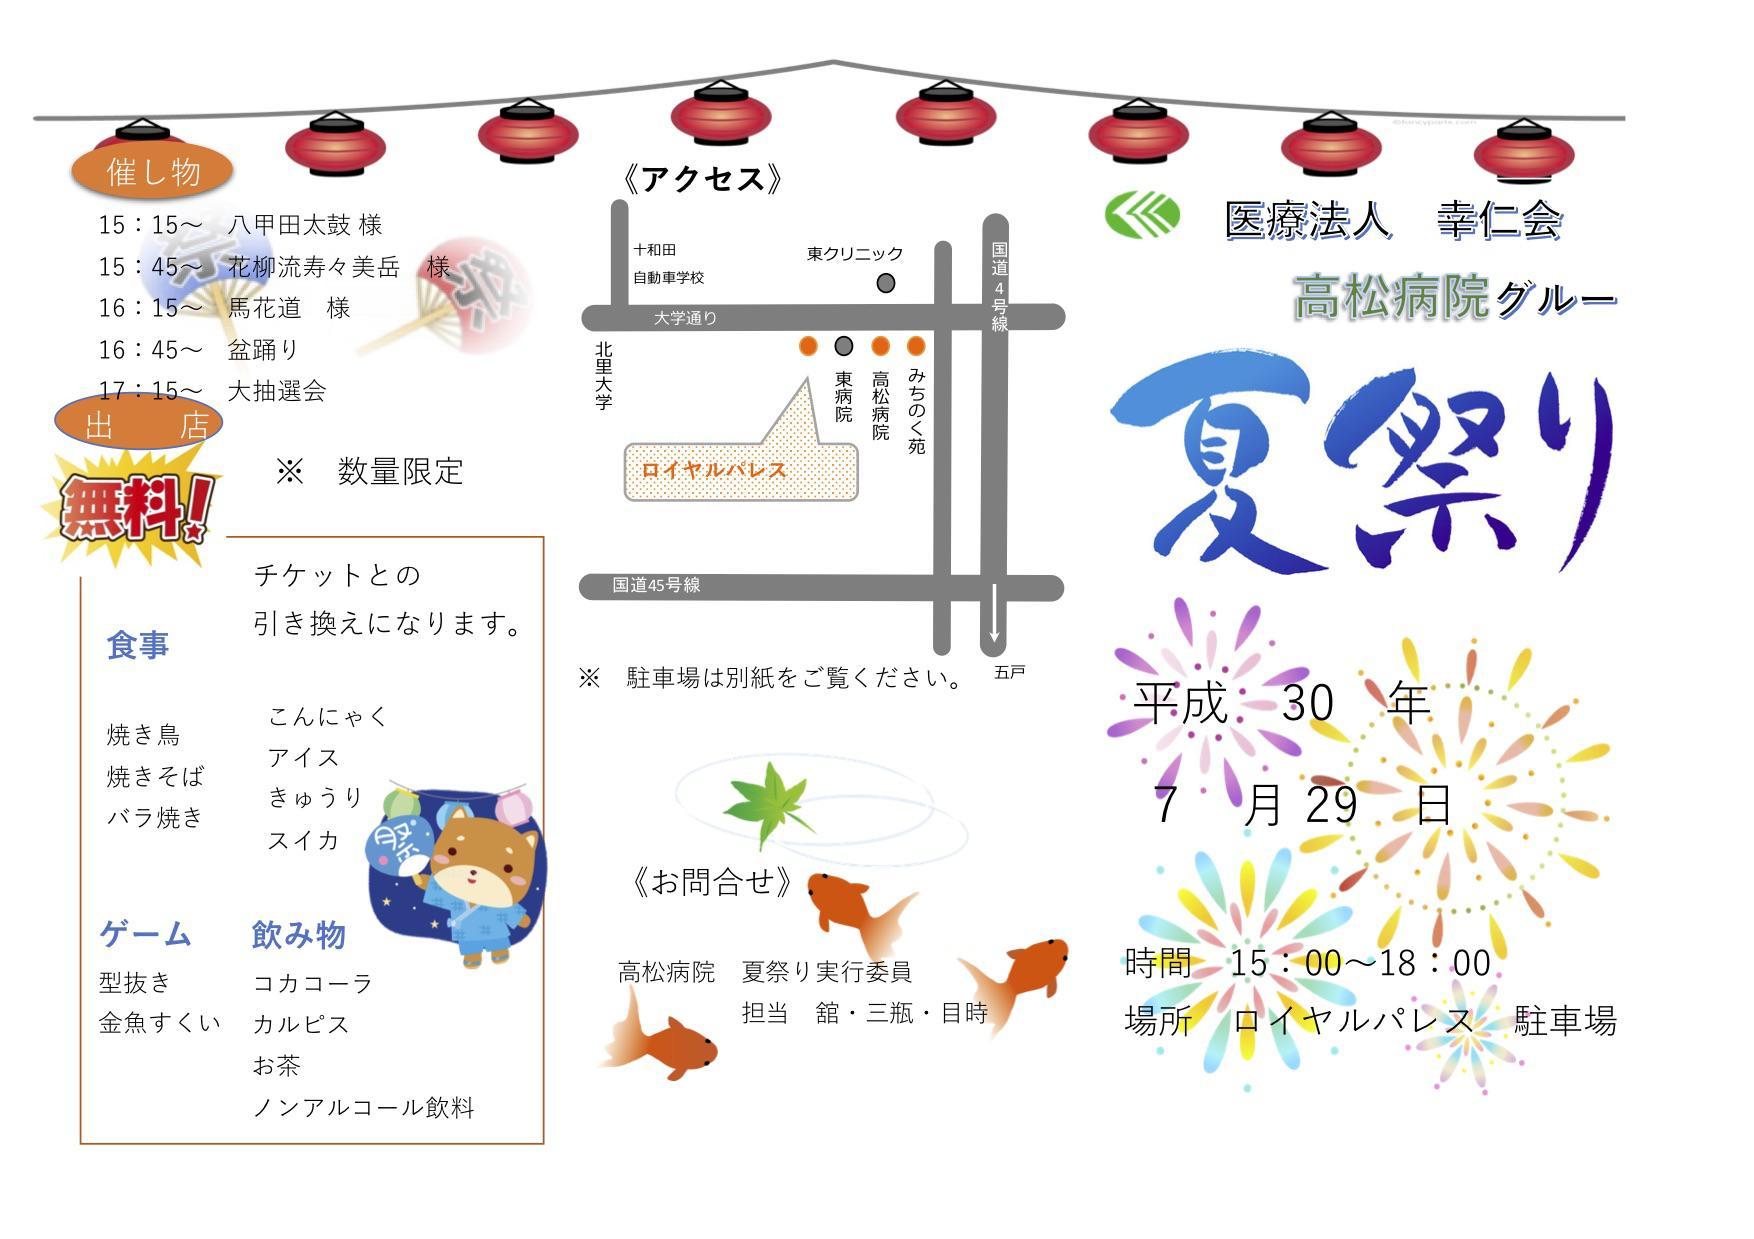 高松病院グループ 夏祭り2018:チラシ